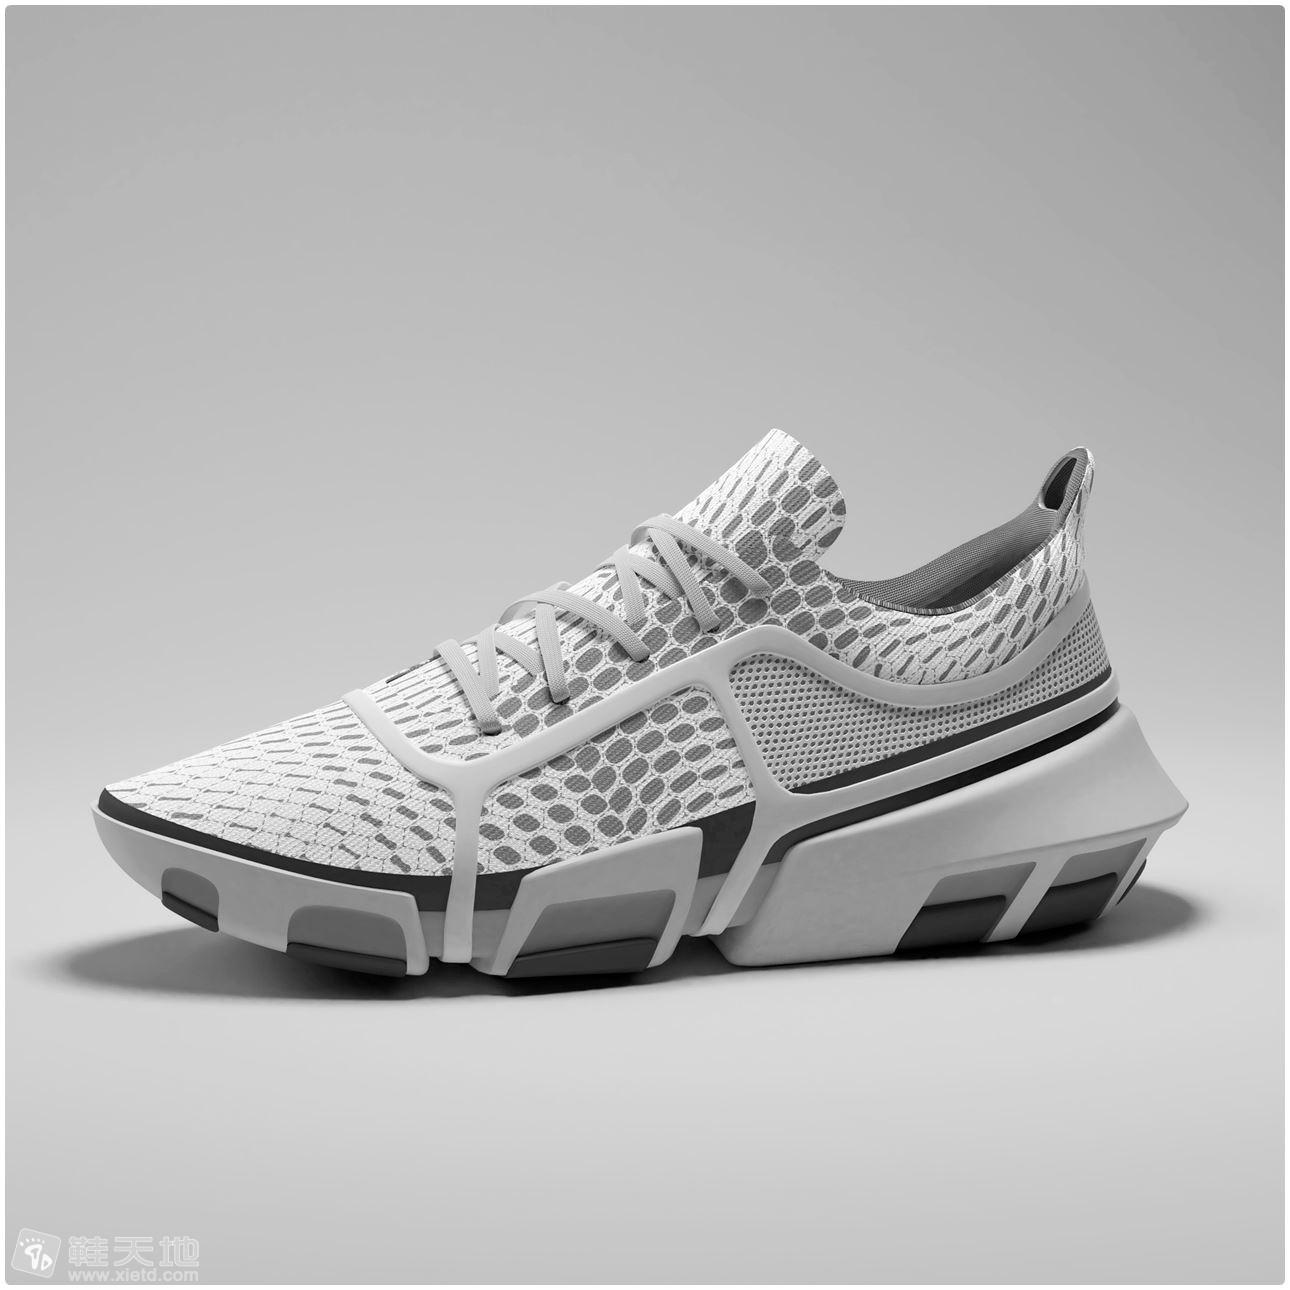 Sneaker concept (14).jpg